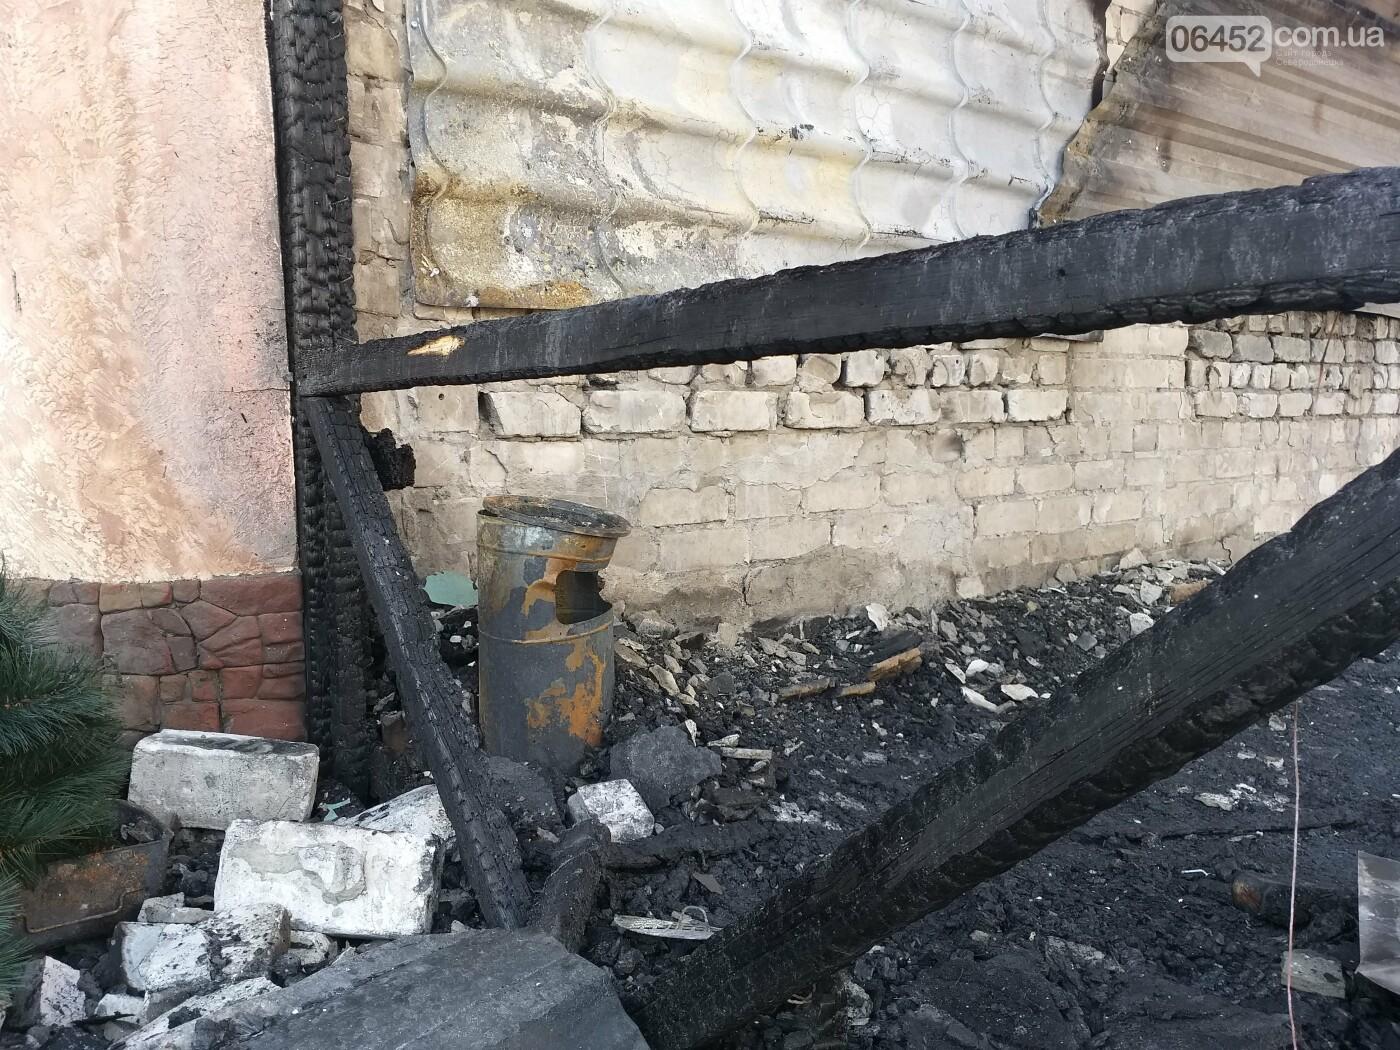 В центре Лисичанска сгорел популярный паб (фото), фото-7